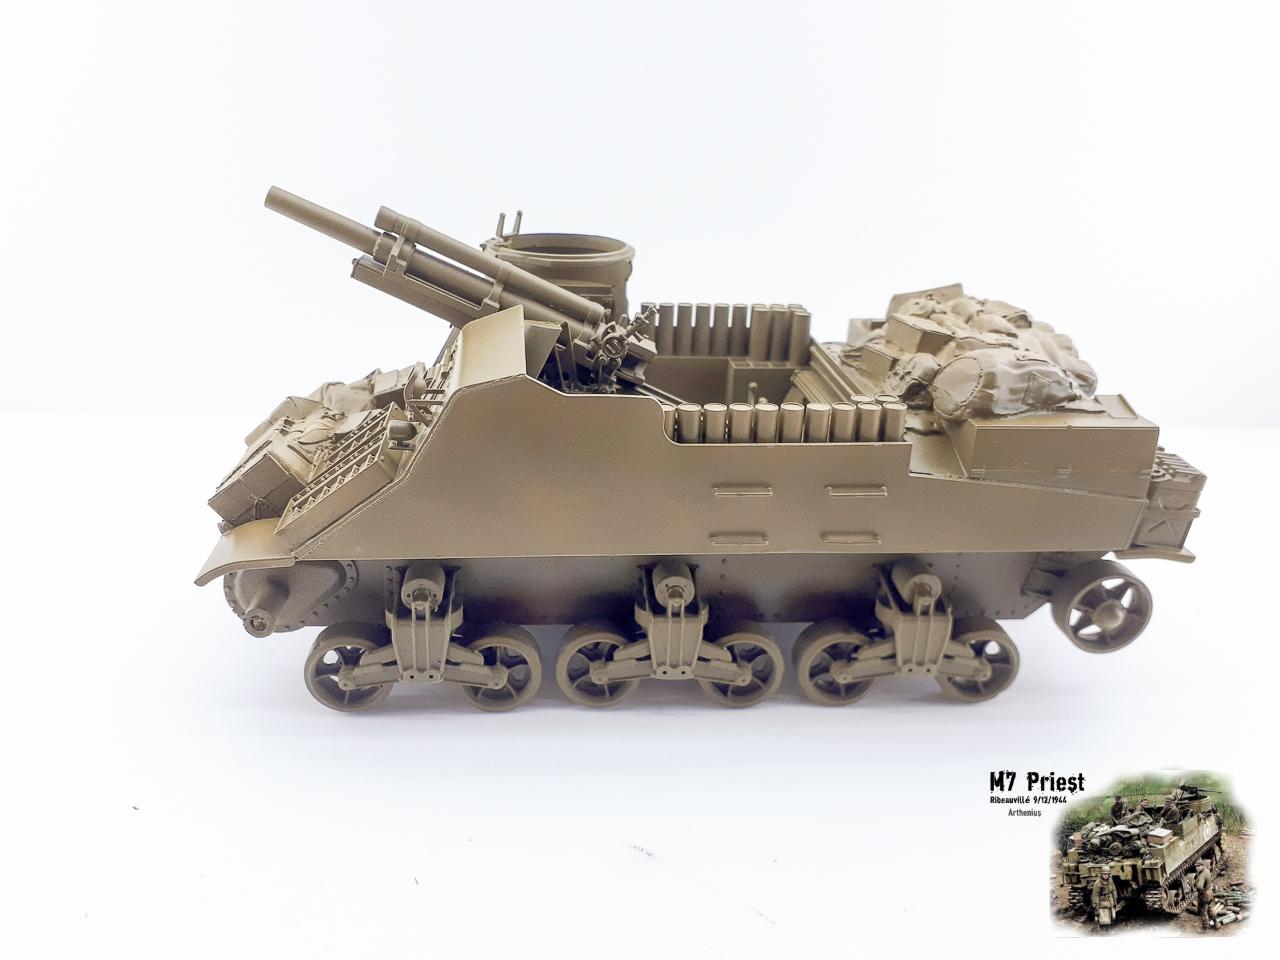 M7 Priest Ribeauvillé 9/12/1944 2018-054